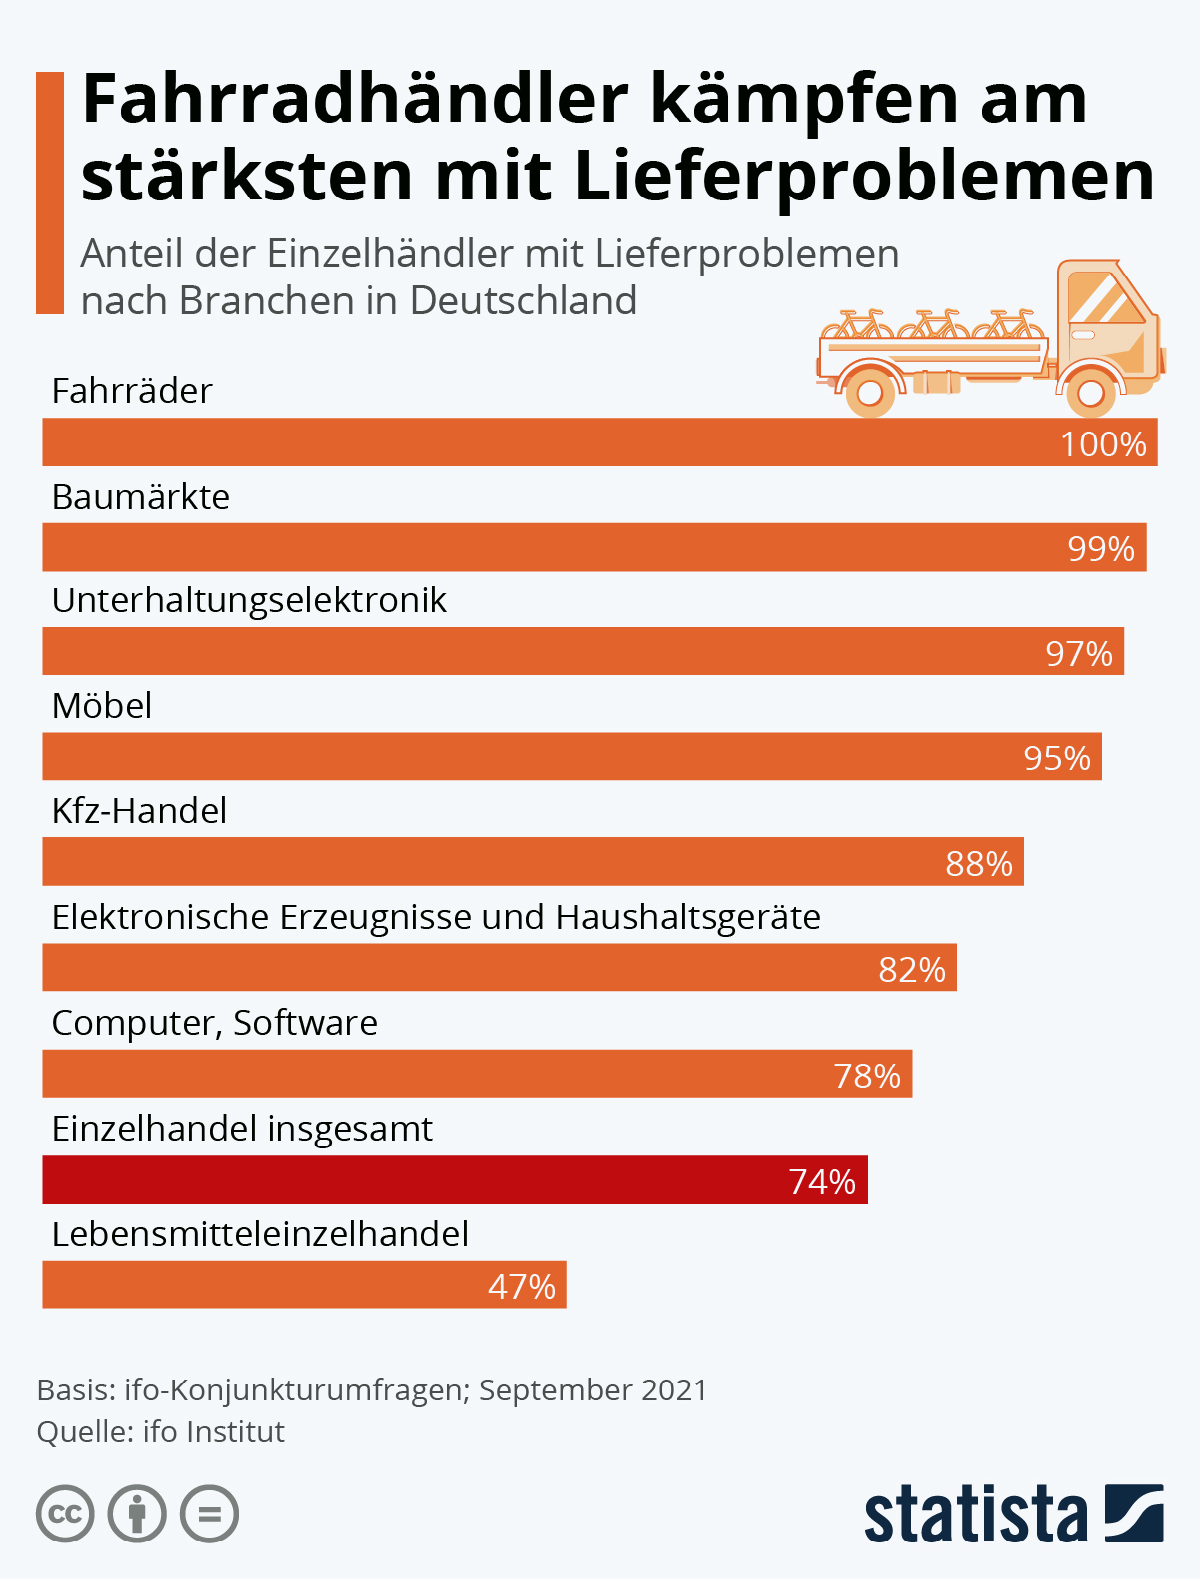 Infografik: Fahrradhändler kämpfen am stärksten mit Lieferproblemen | Statista